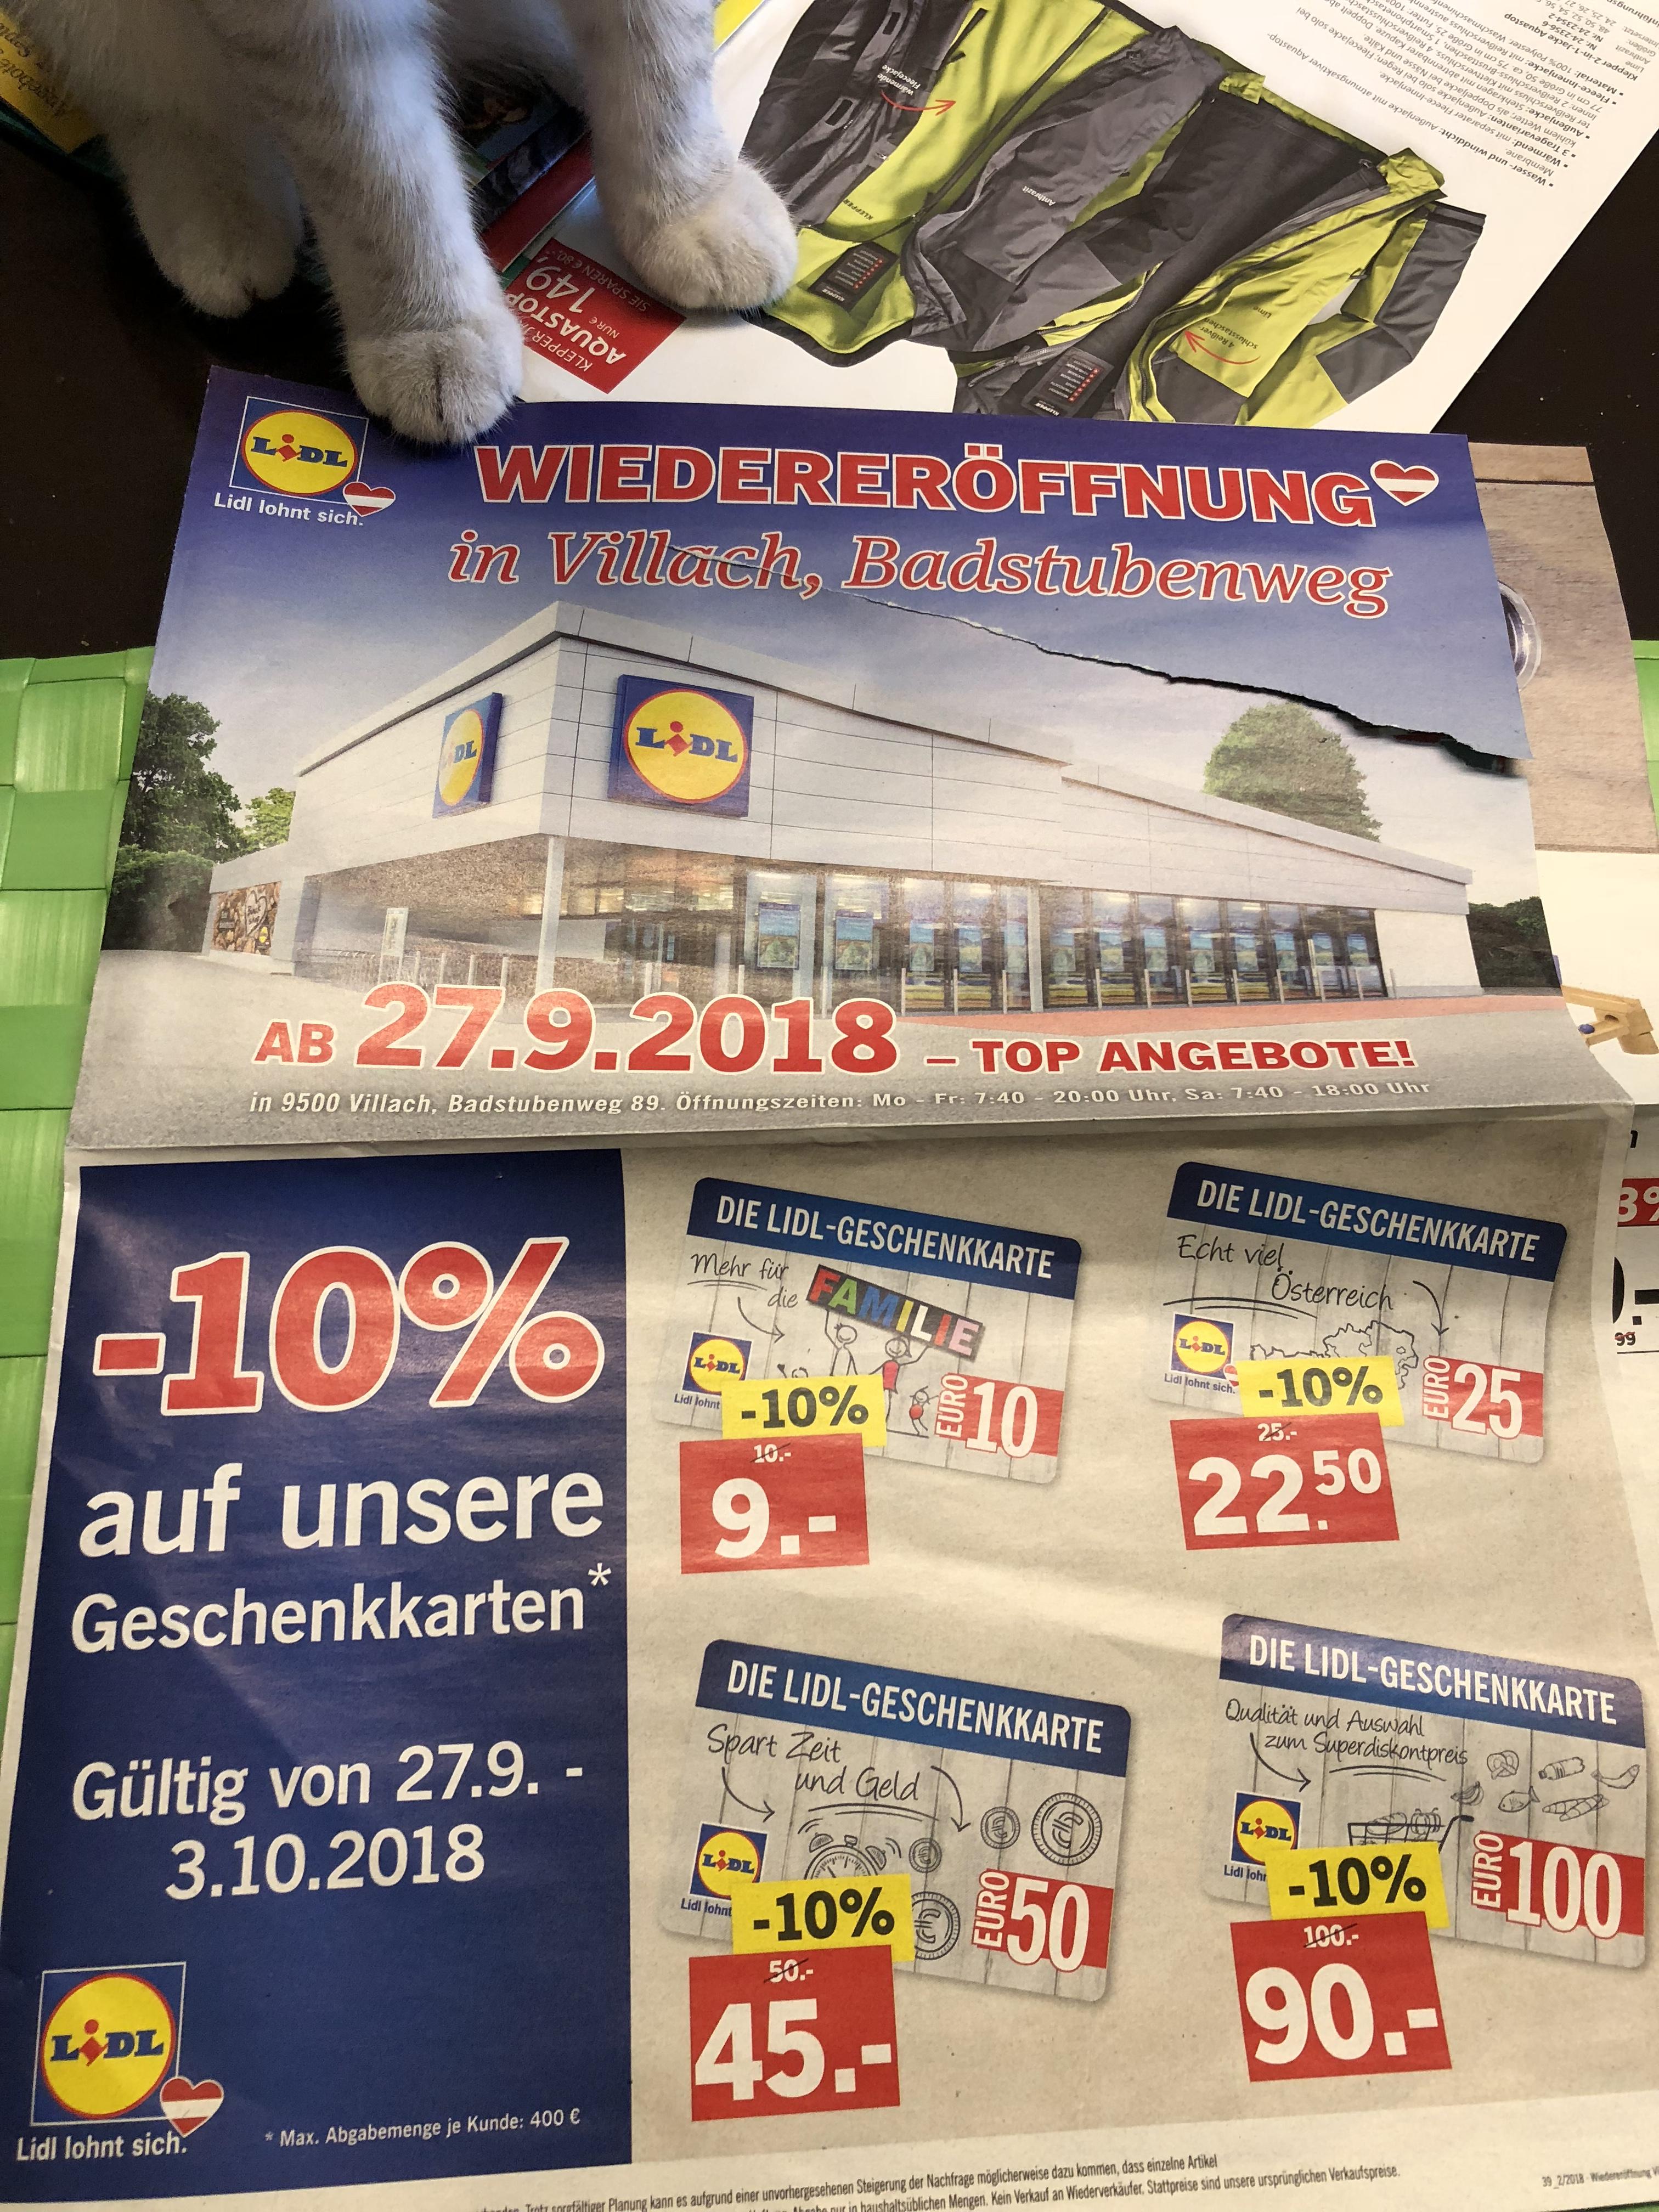 Lidl Villach -10% auf Lidl Geschenkkarten (einlösbar auf alle Geschenkkarten und co)